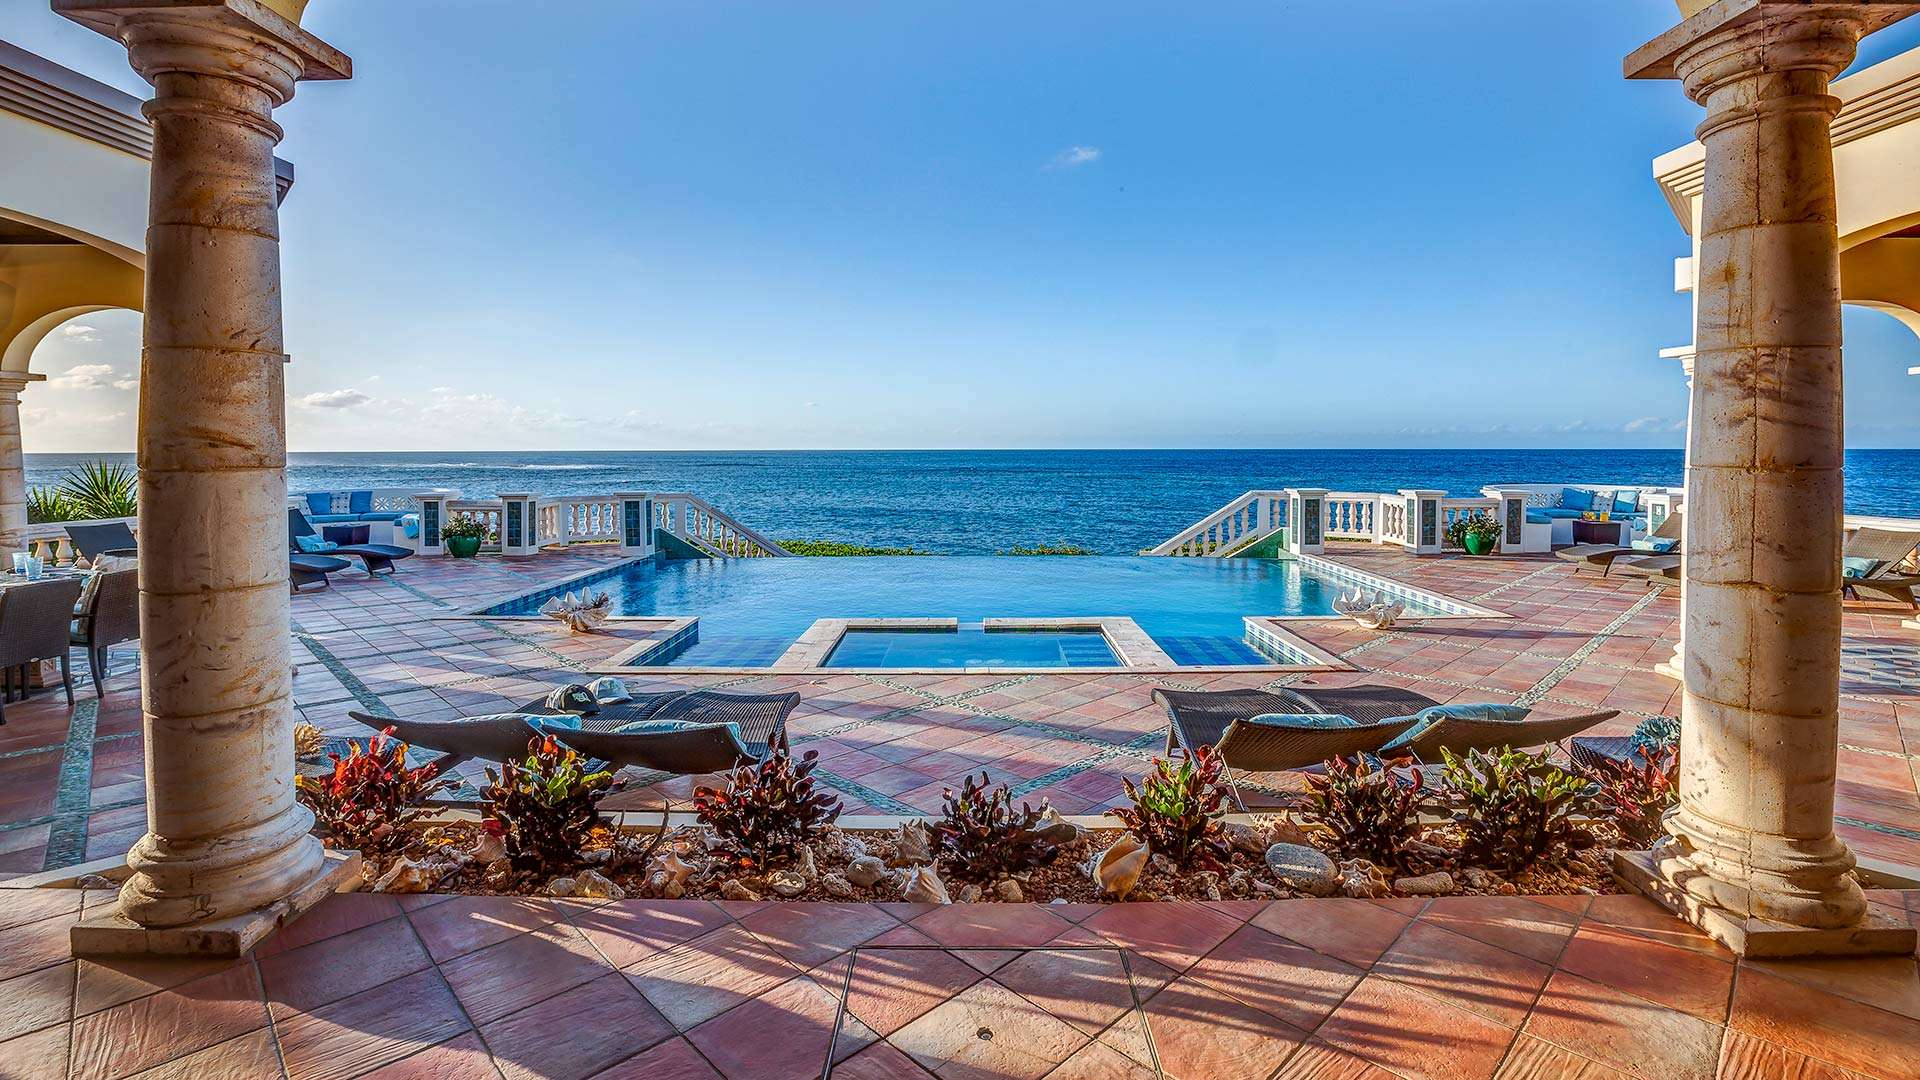 Luxury villa rentals caribbean - Anguilla - Island harbour - No location 4 - Amarilla - Image 1/24